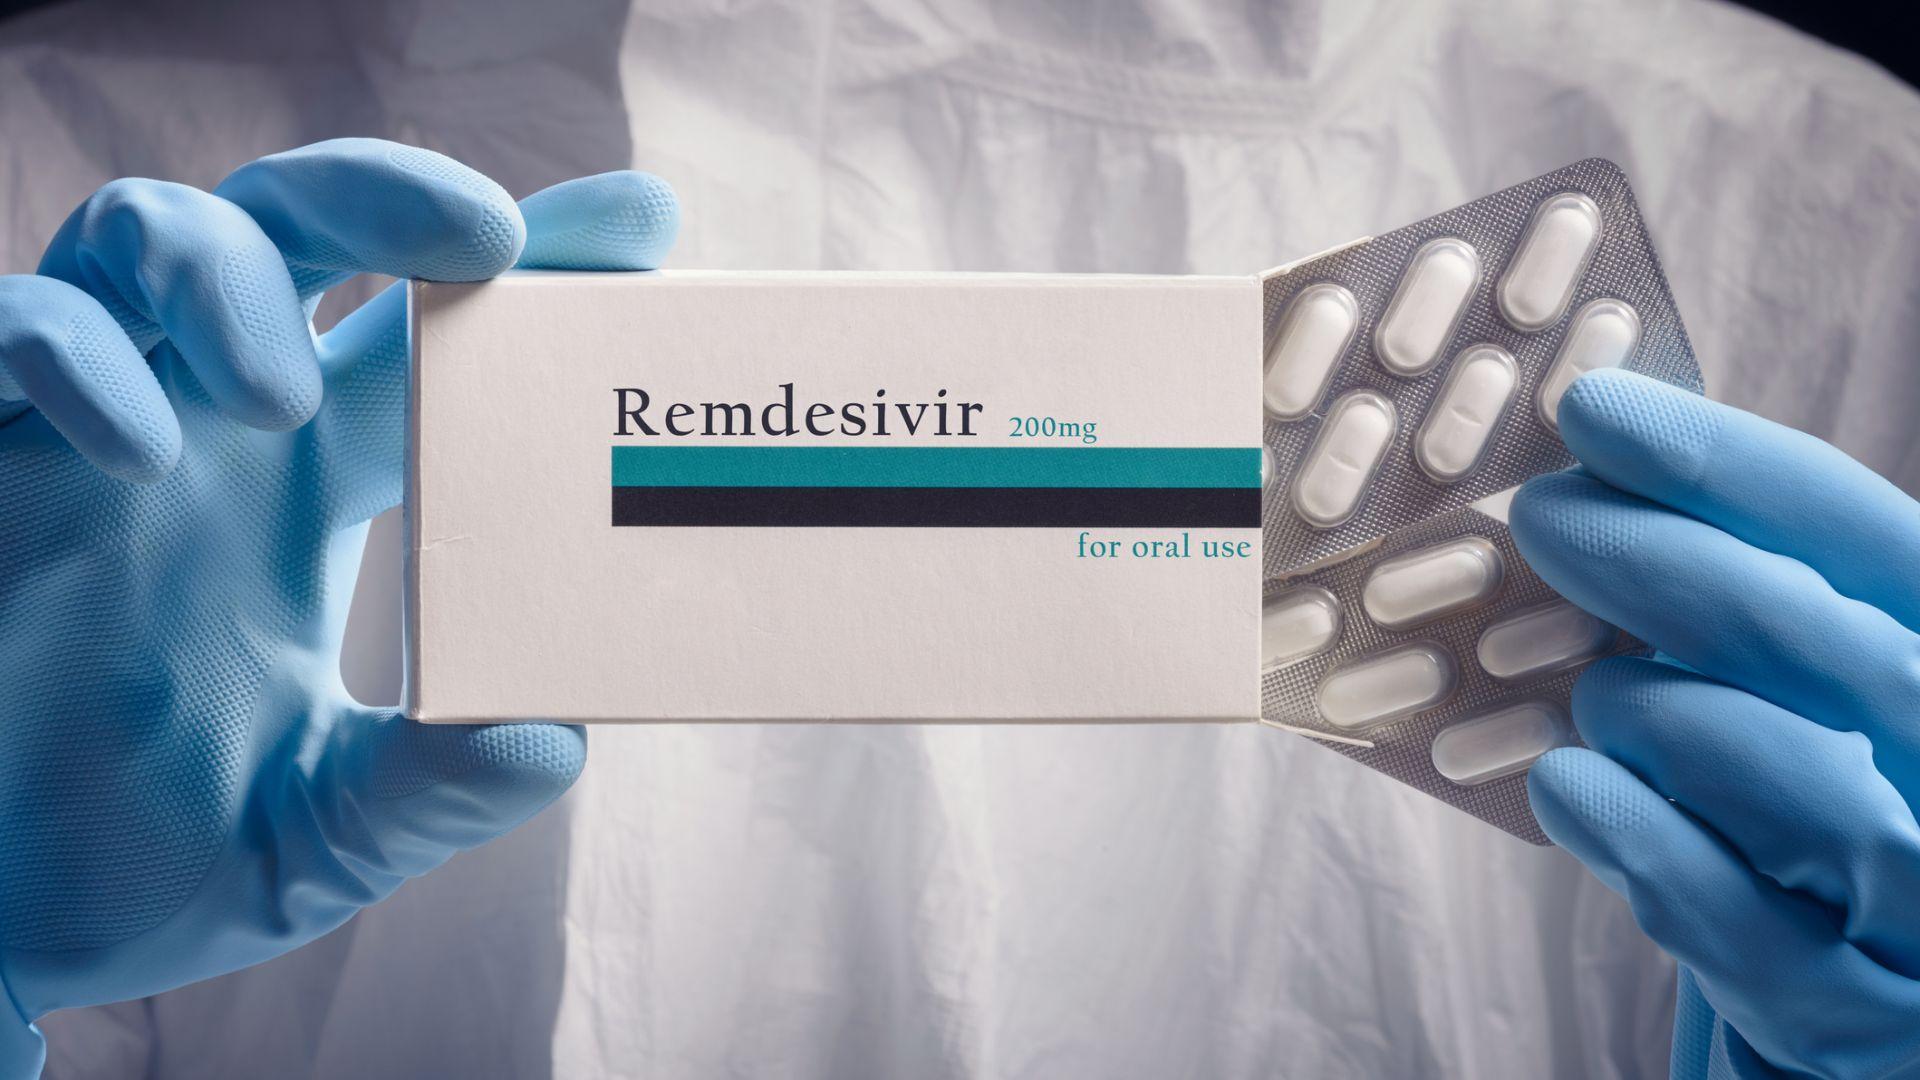 САЩ одобриха ремдесивир за болнично лечение